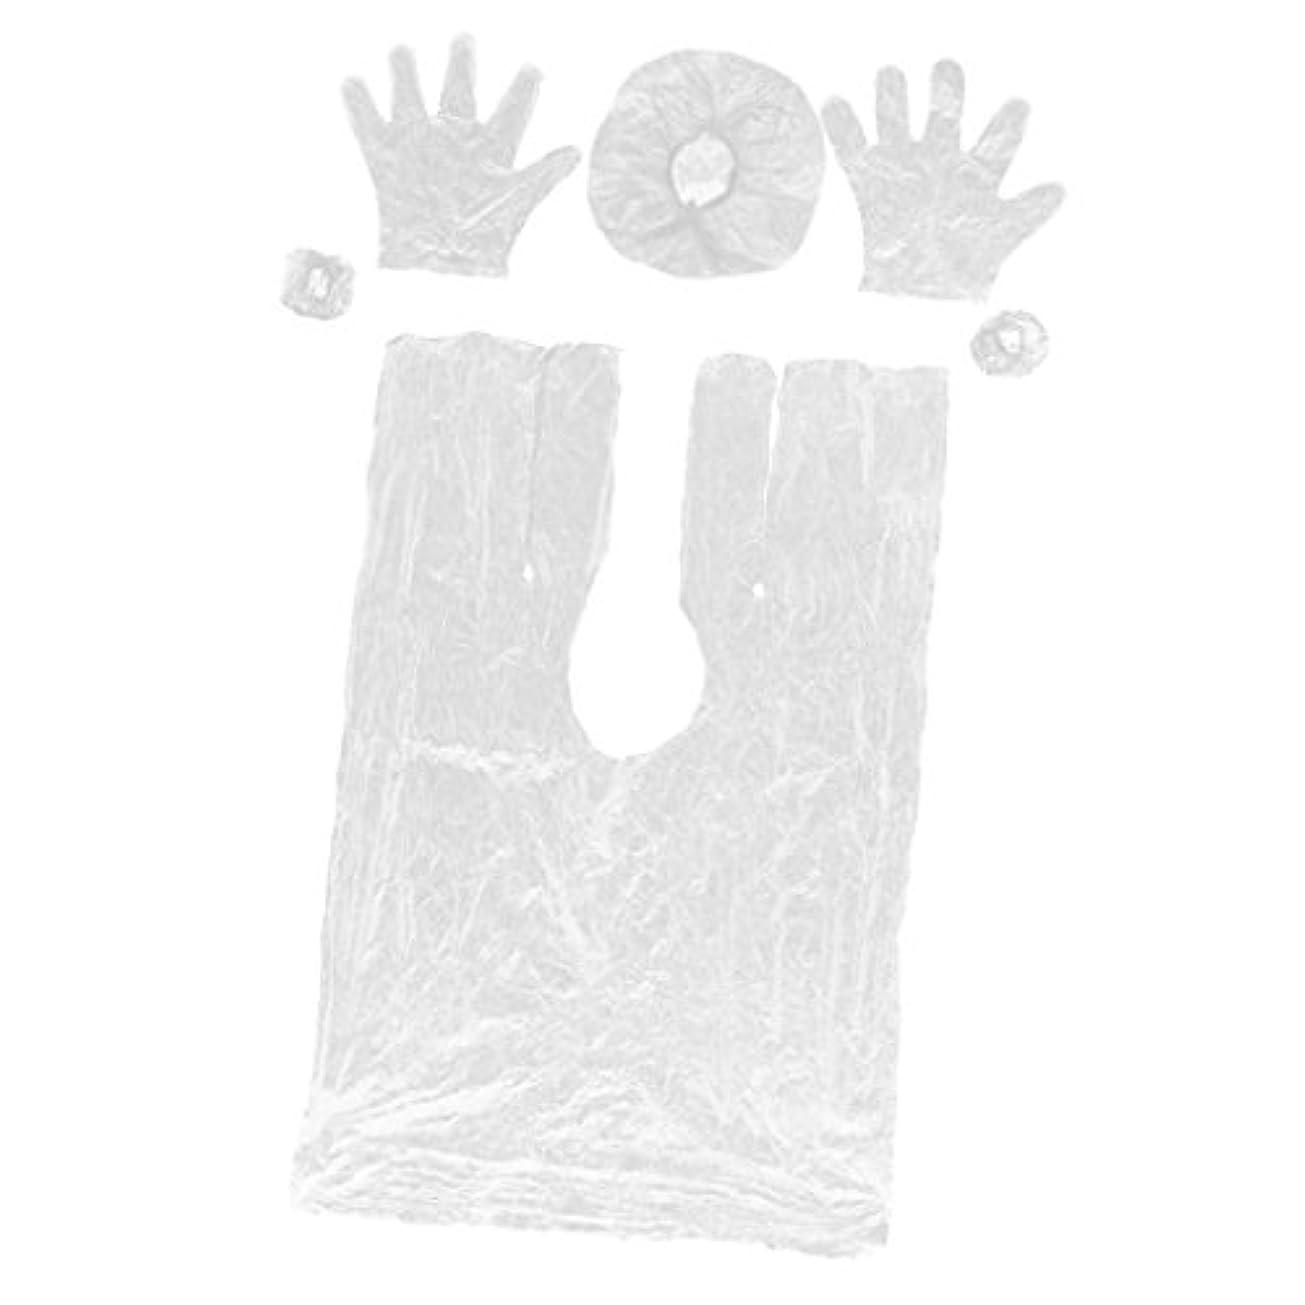 傑作事件、出来事寝室Toygogo ツール弾性キャップ、理髪ガウンケープショール、手袋、イヤーキャップイヤーマフセットを使用した使い捨てスパヘアサロンカラー染料キットの着色